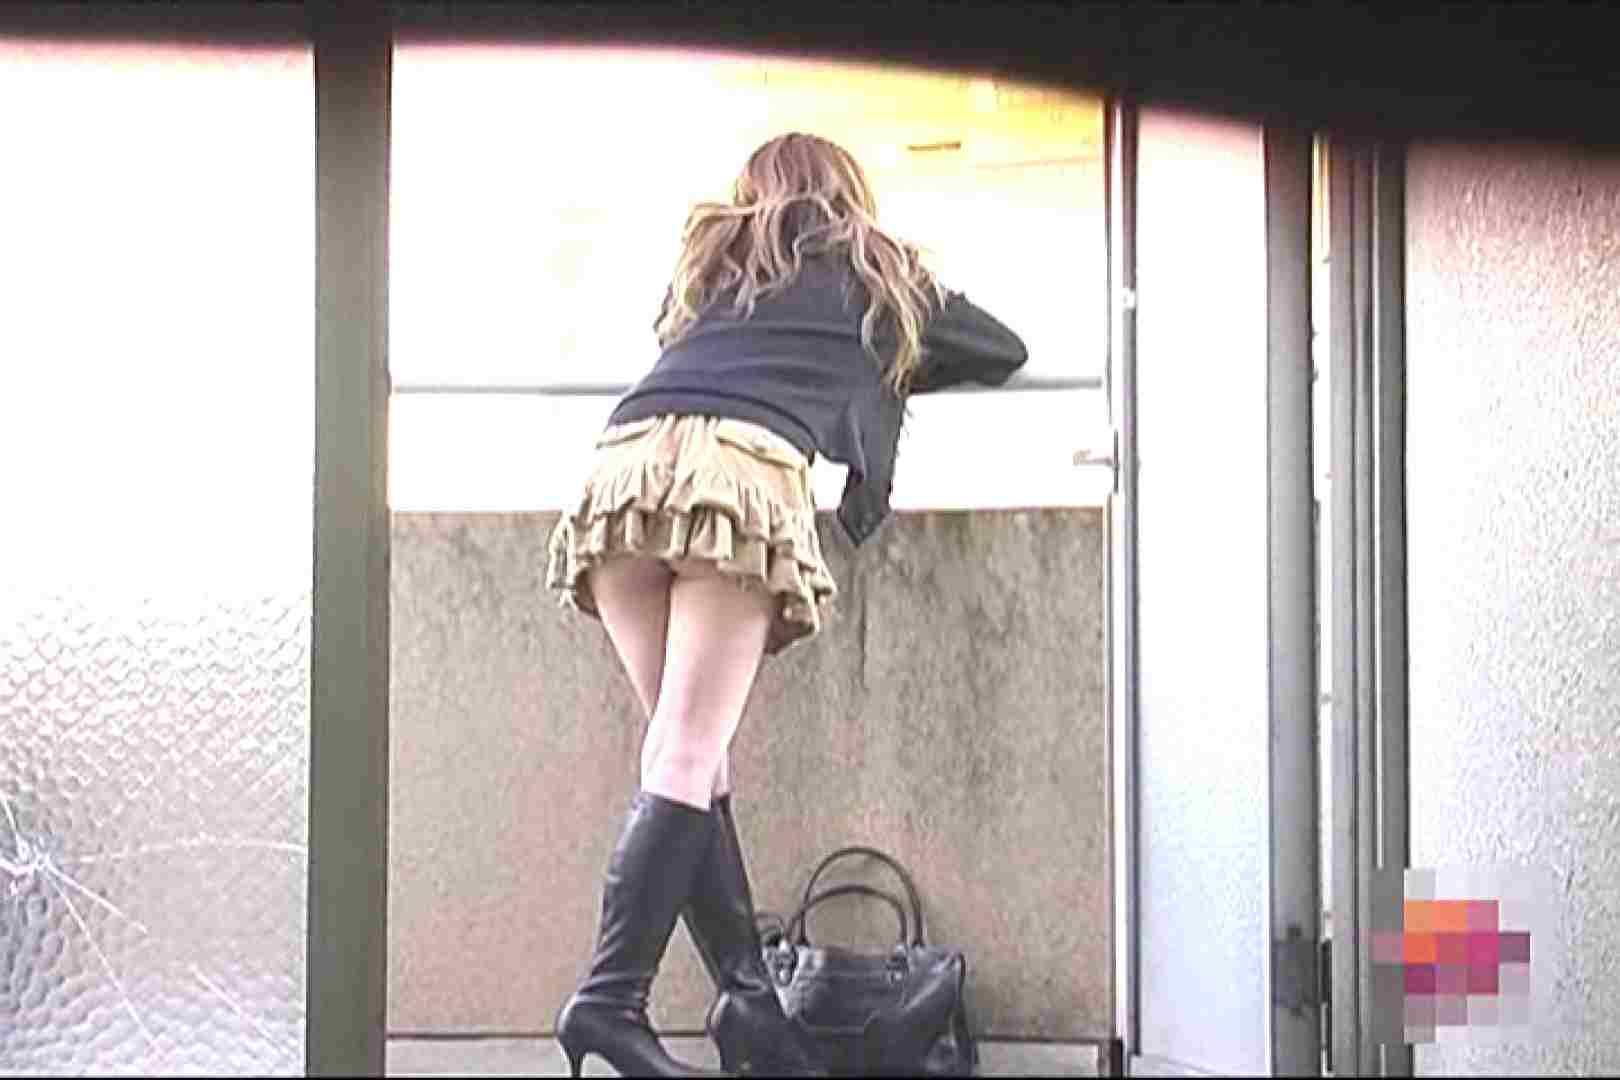 検証!隠し撮りスカートめくり!!Vol.5 OLの実態  101pic 34